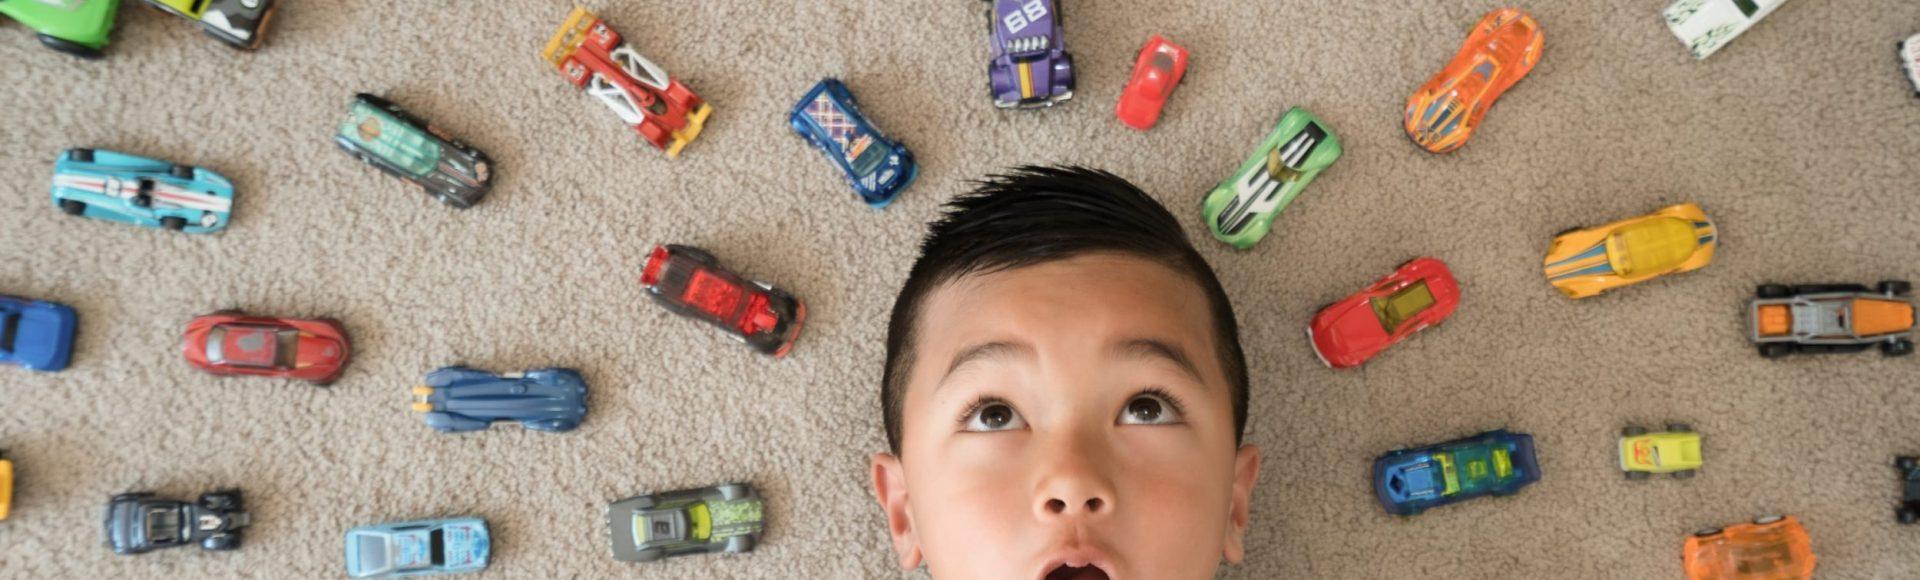 Intorno alla testa di un bambino ci sono tante auto giocattolo in fila